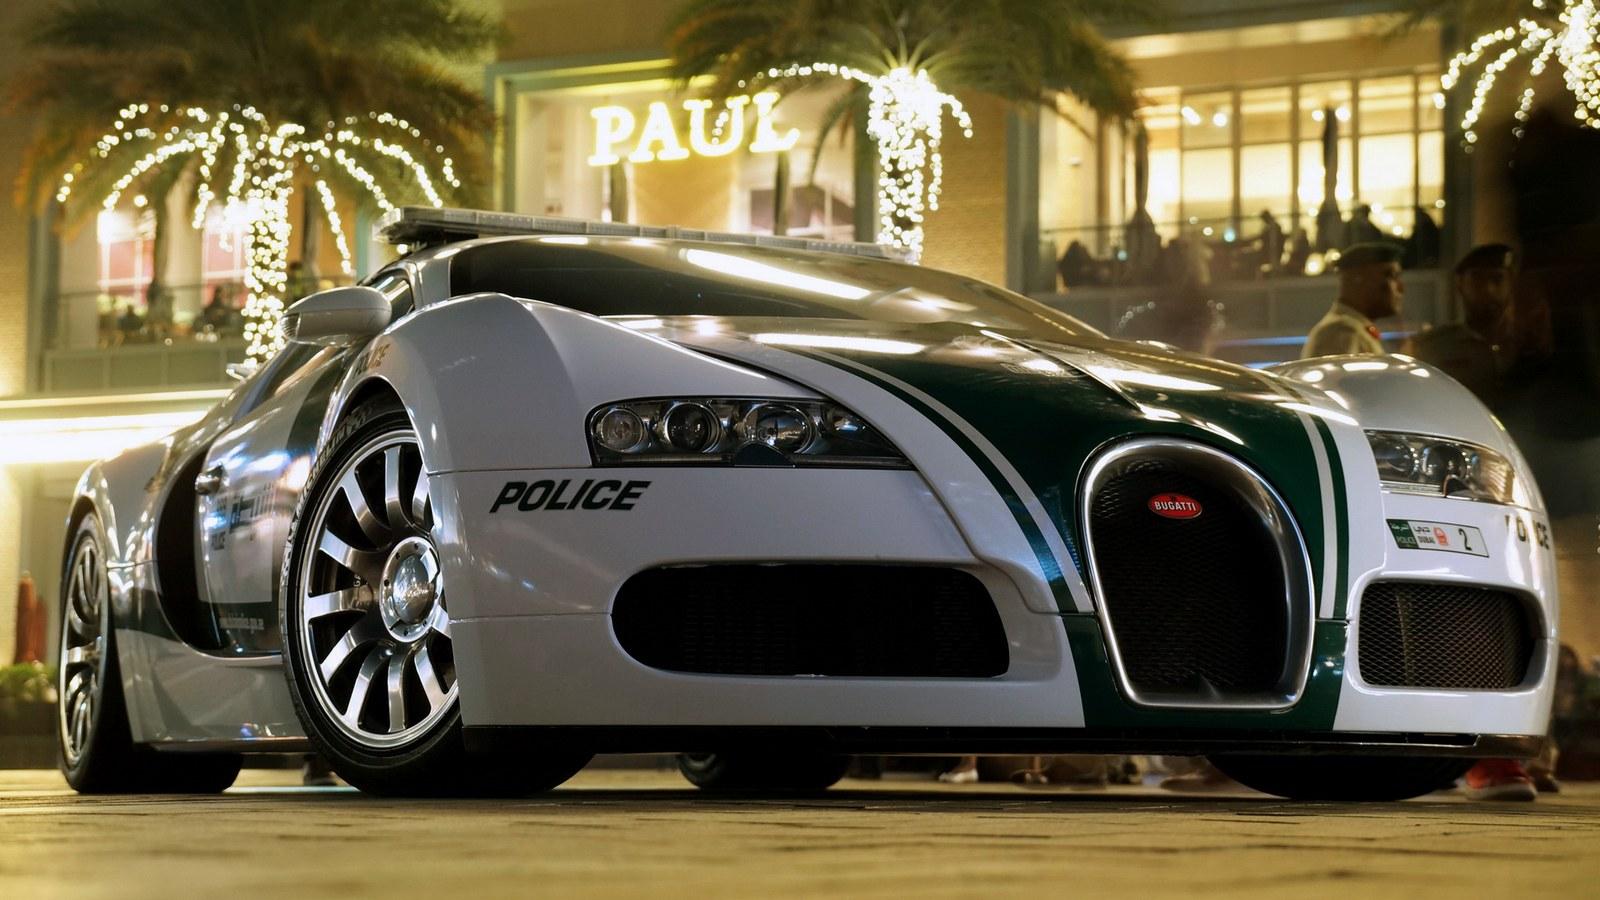 bugatti_veyron_police